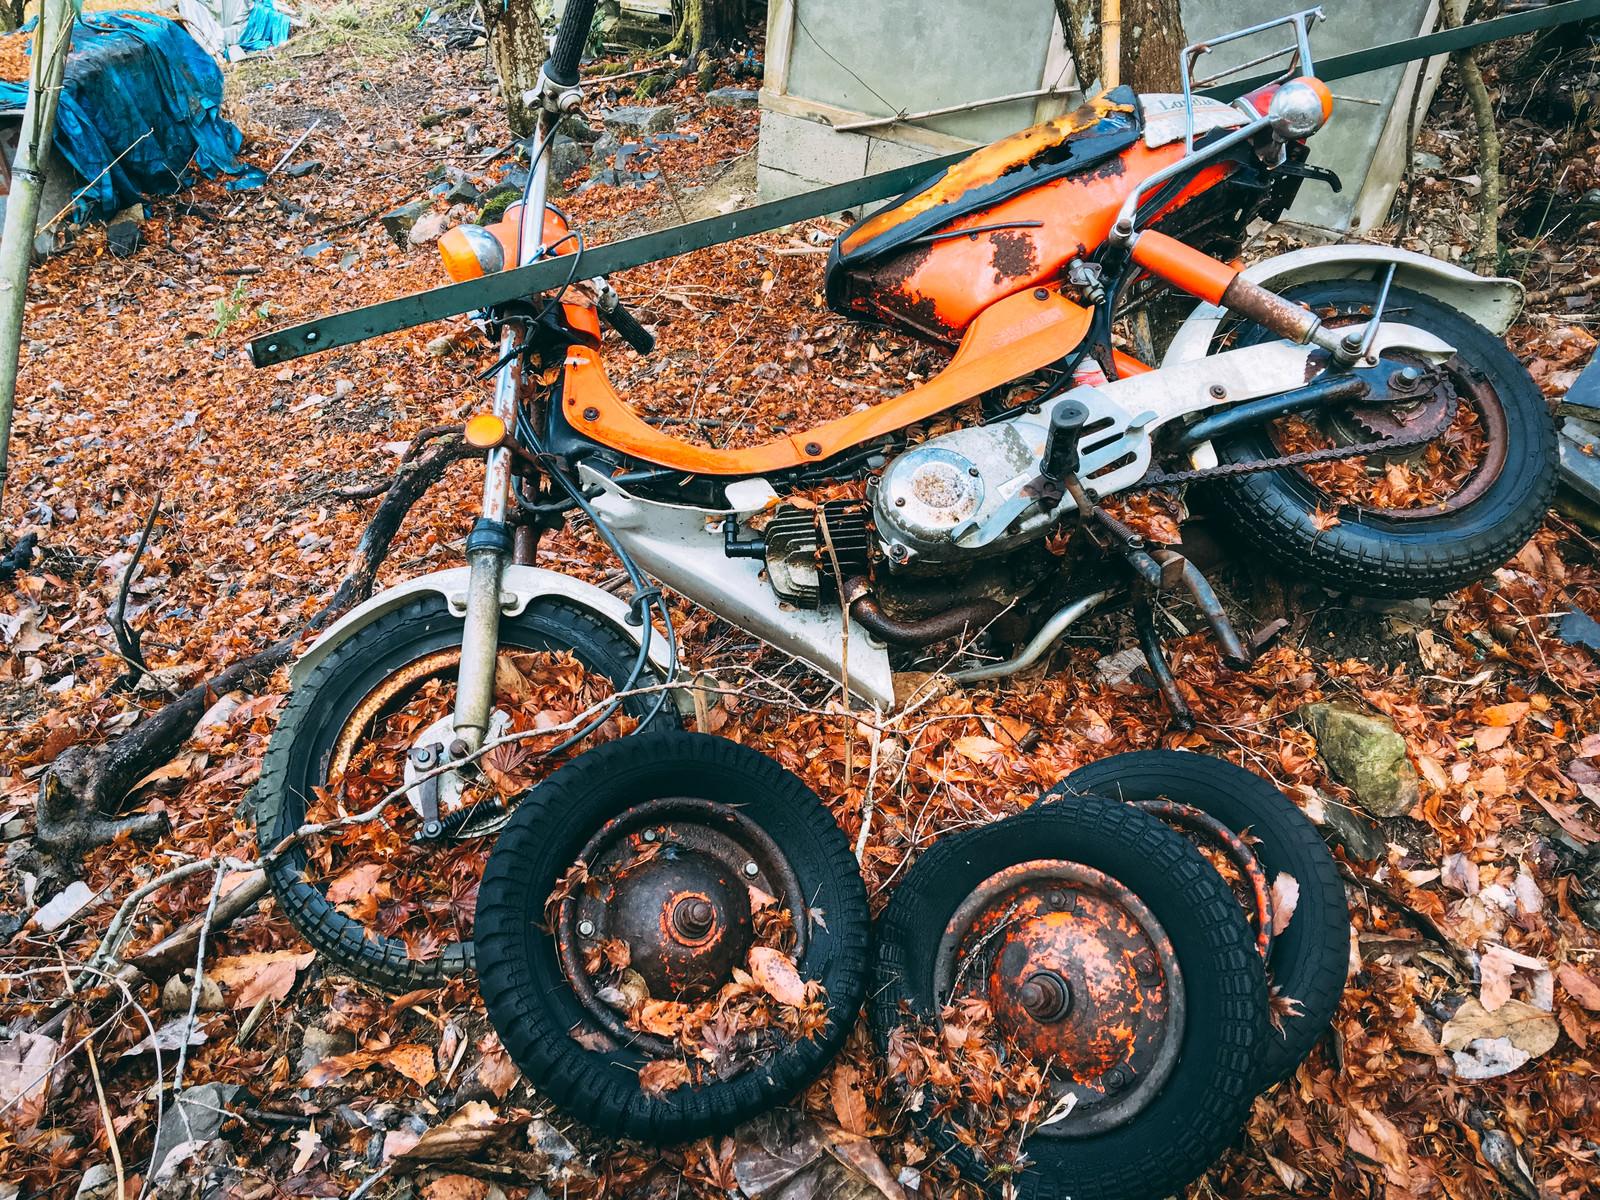 「不法投棄されたバイクと複数のタイヤ」の写真